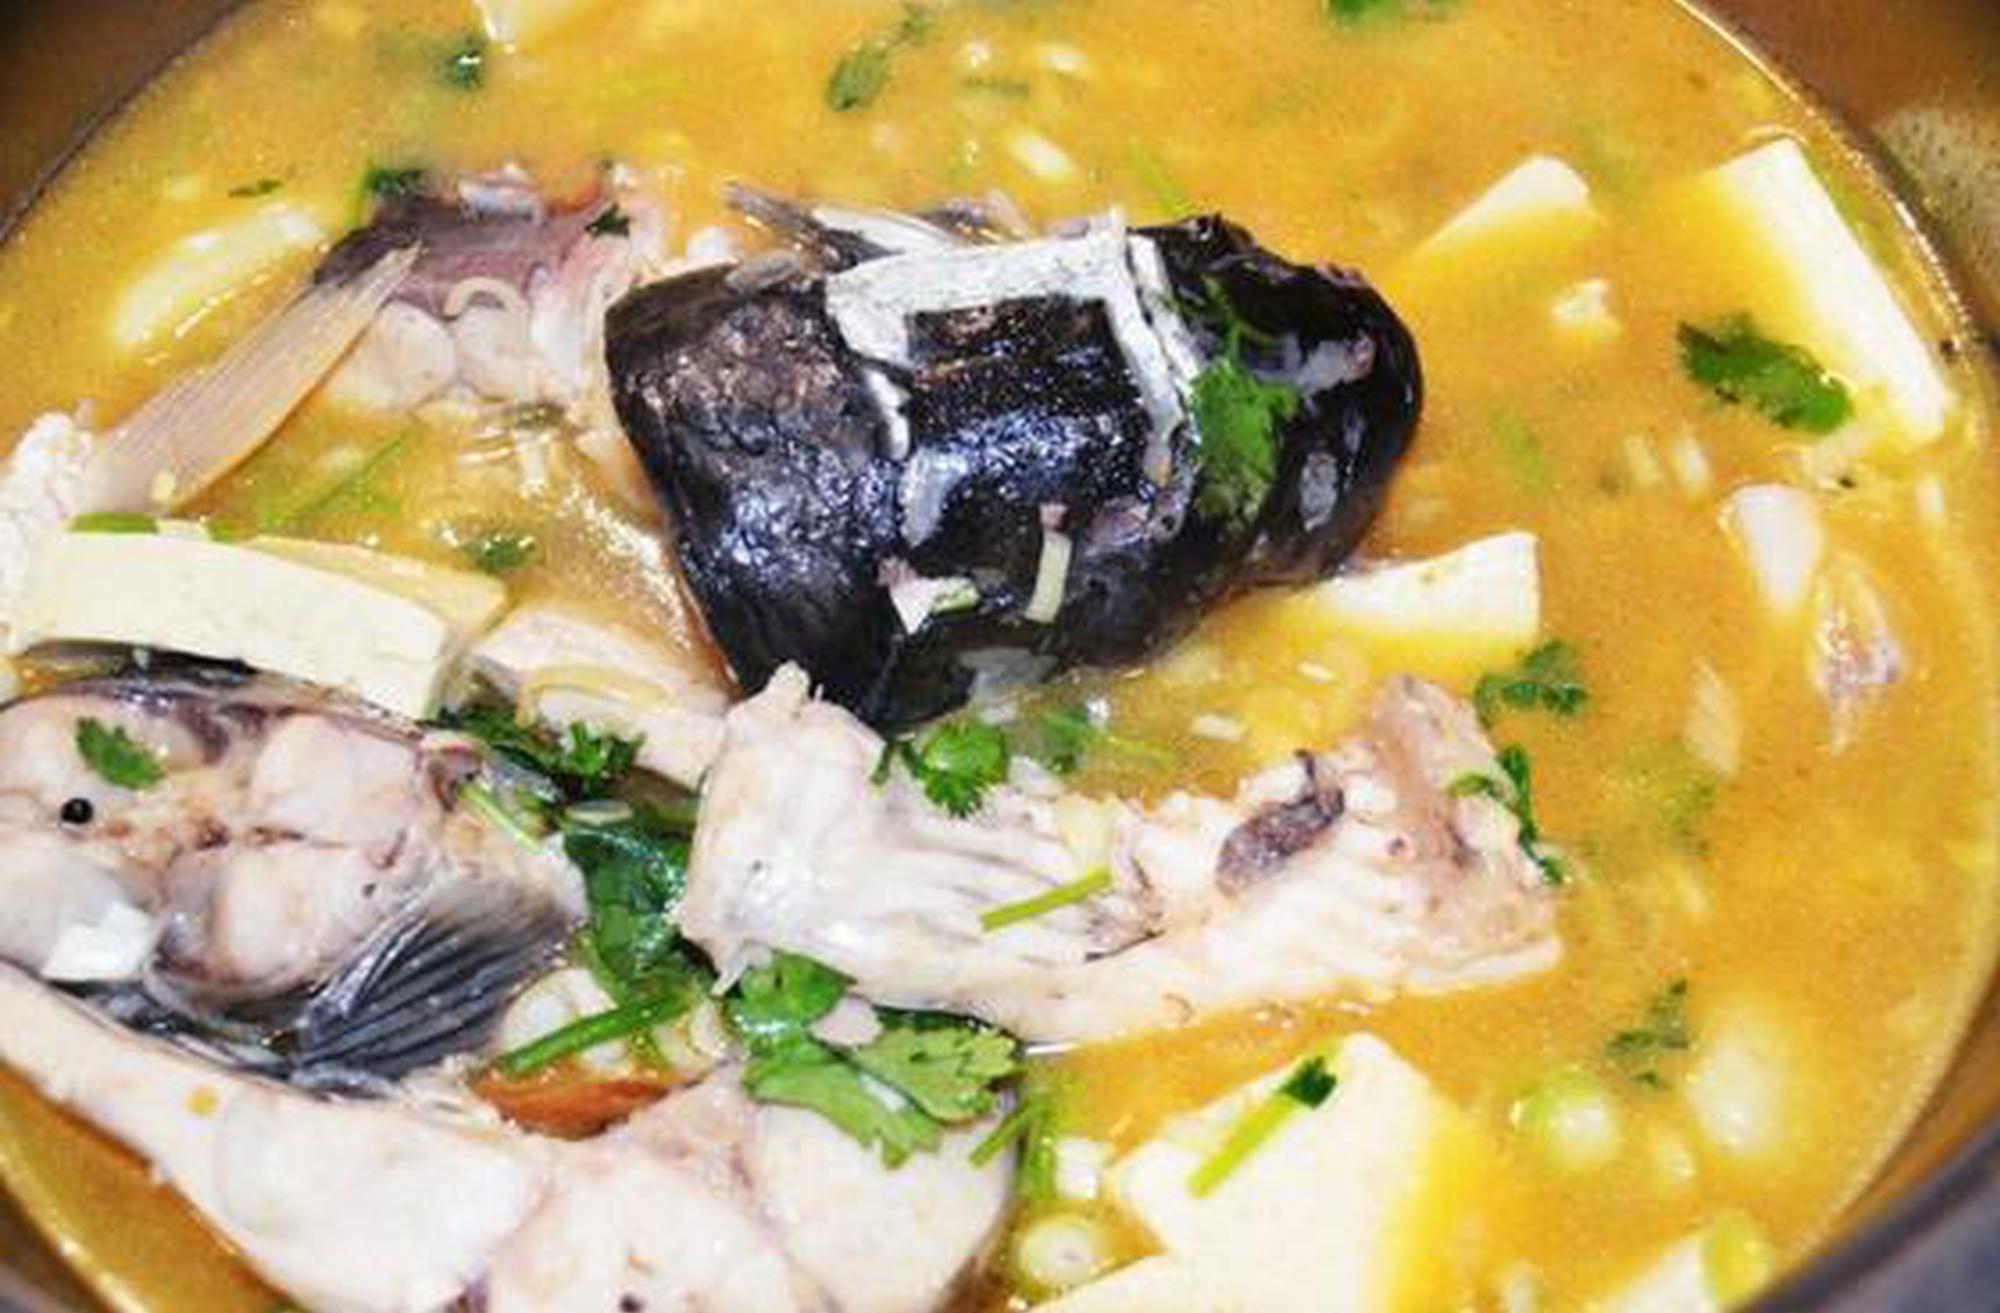 好吃被传说的水煮鱼